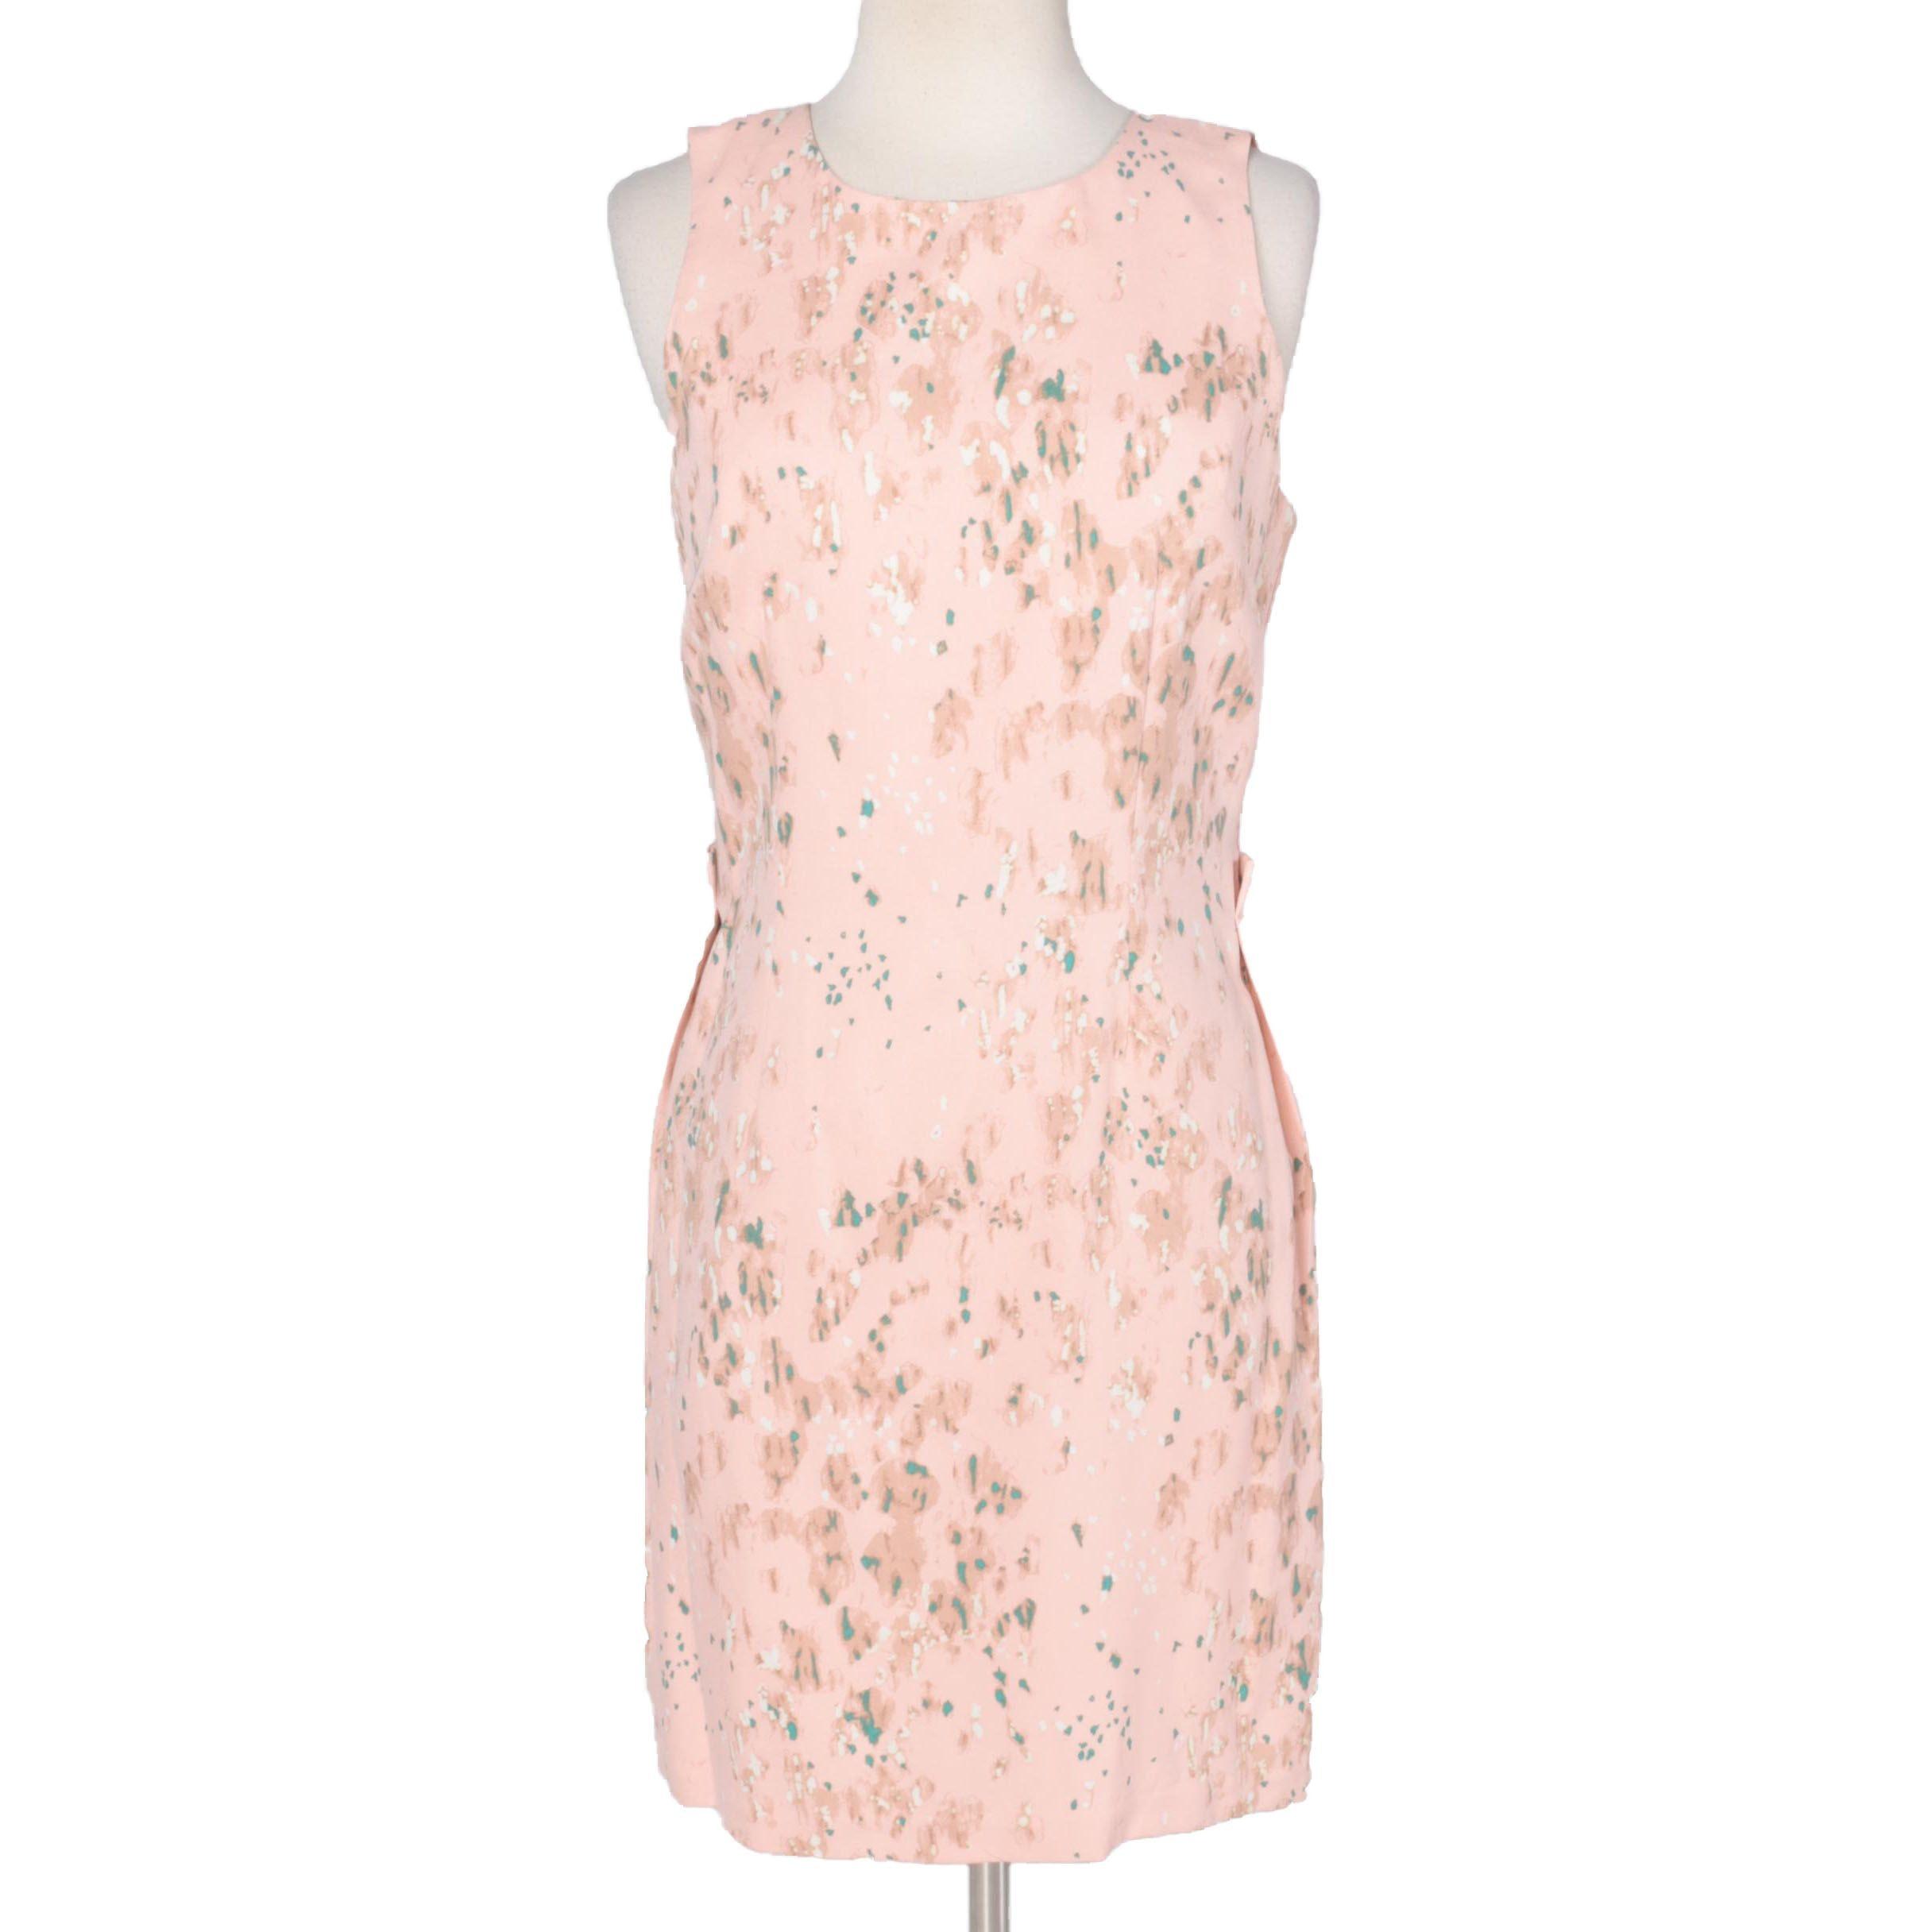 Poleci Sleeveless Pink Silk Dress